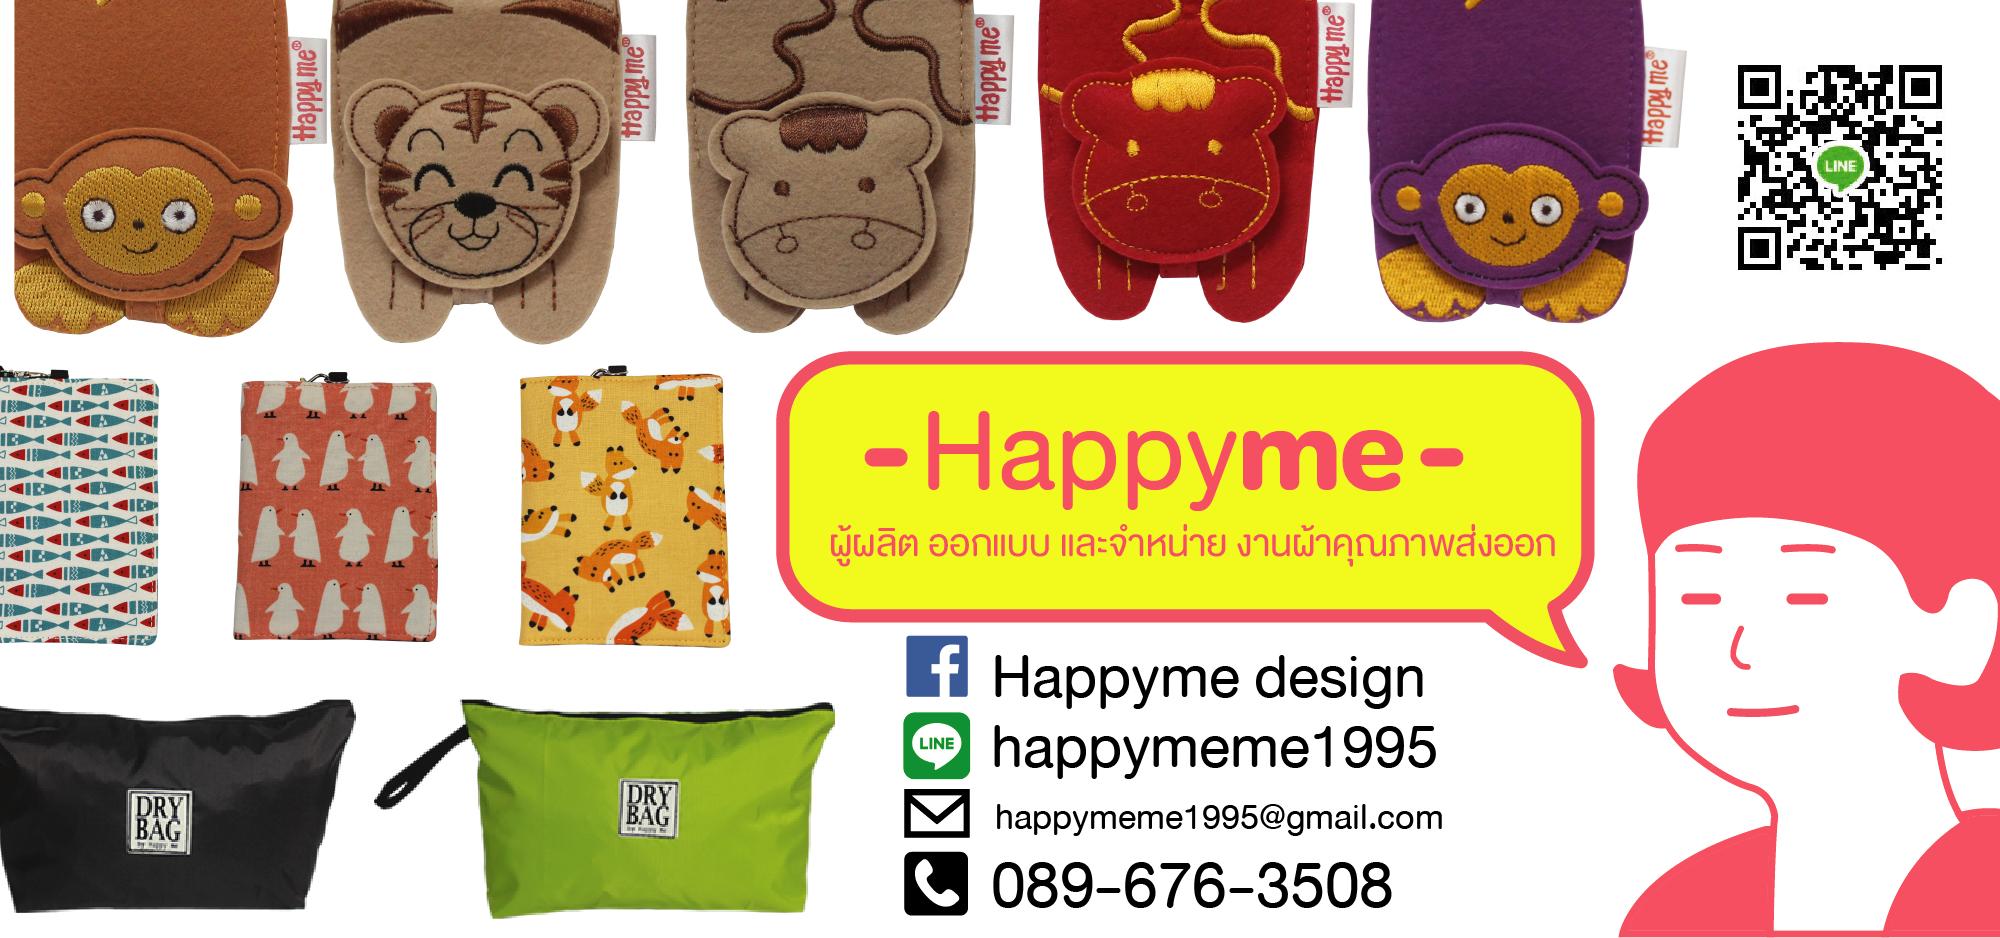 รับผลิตและจำหน่ายงานแฮนด์เมดผ้า น่ารักไม่เหมือนใคร Happyme.Design